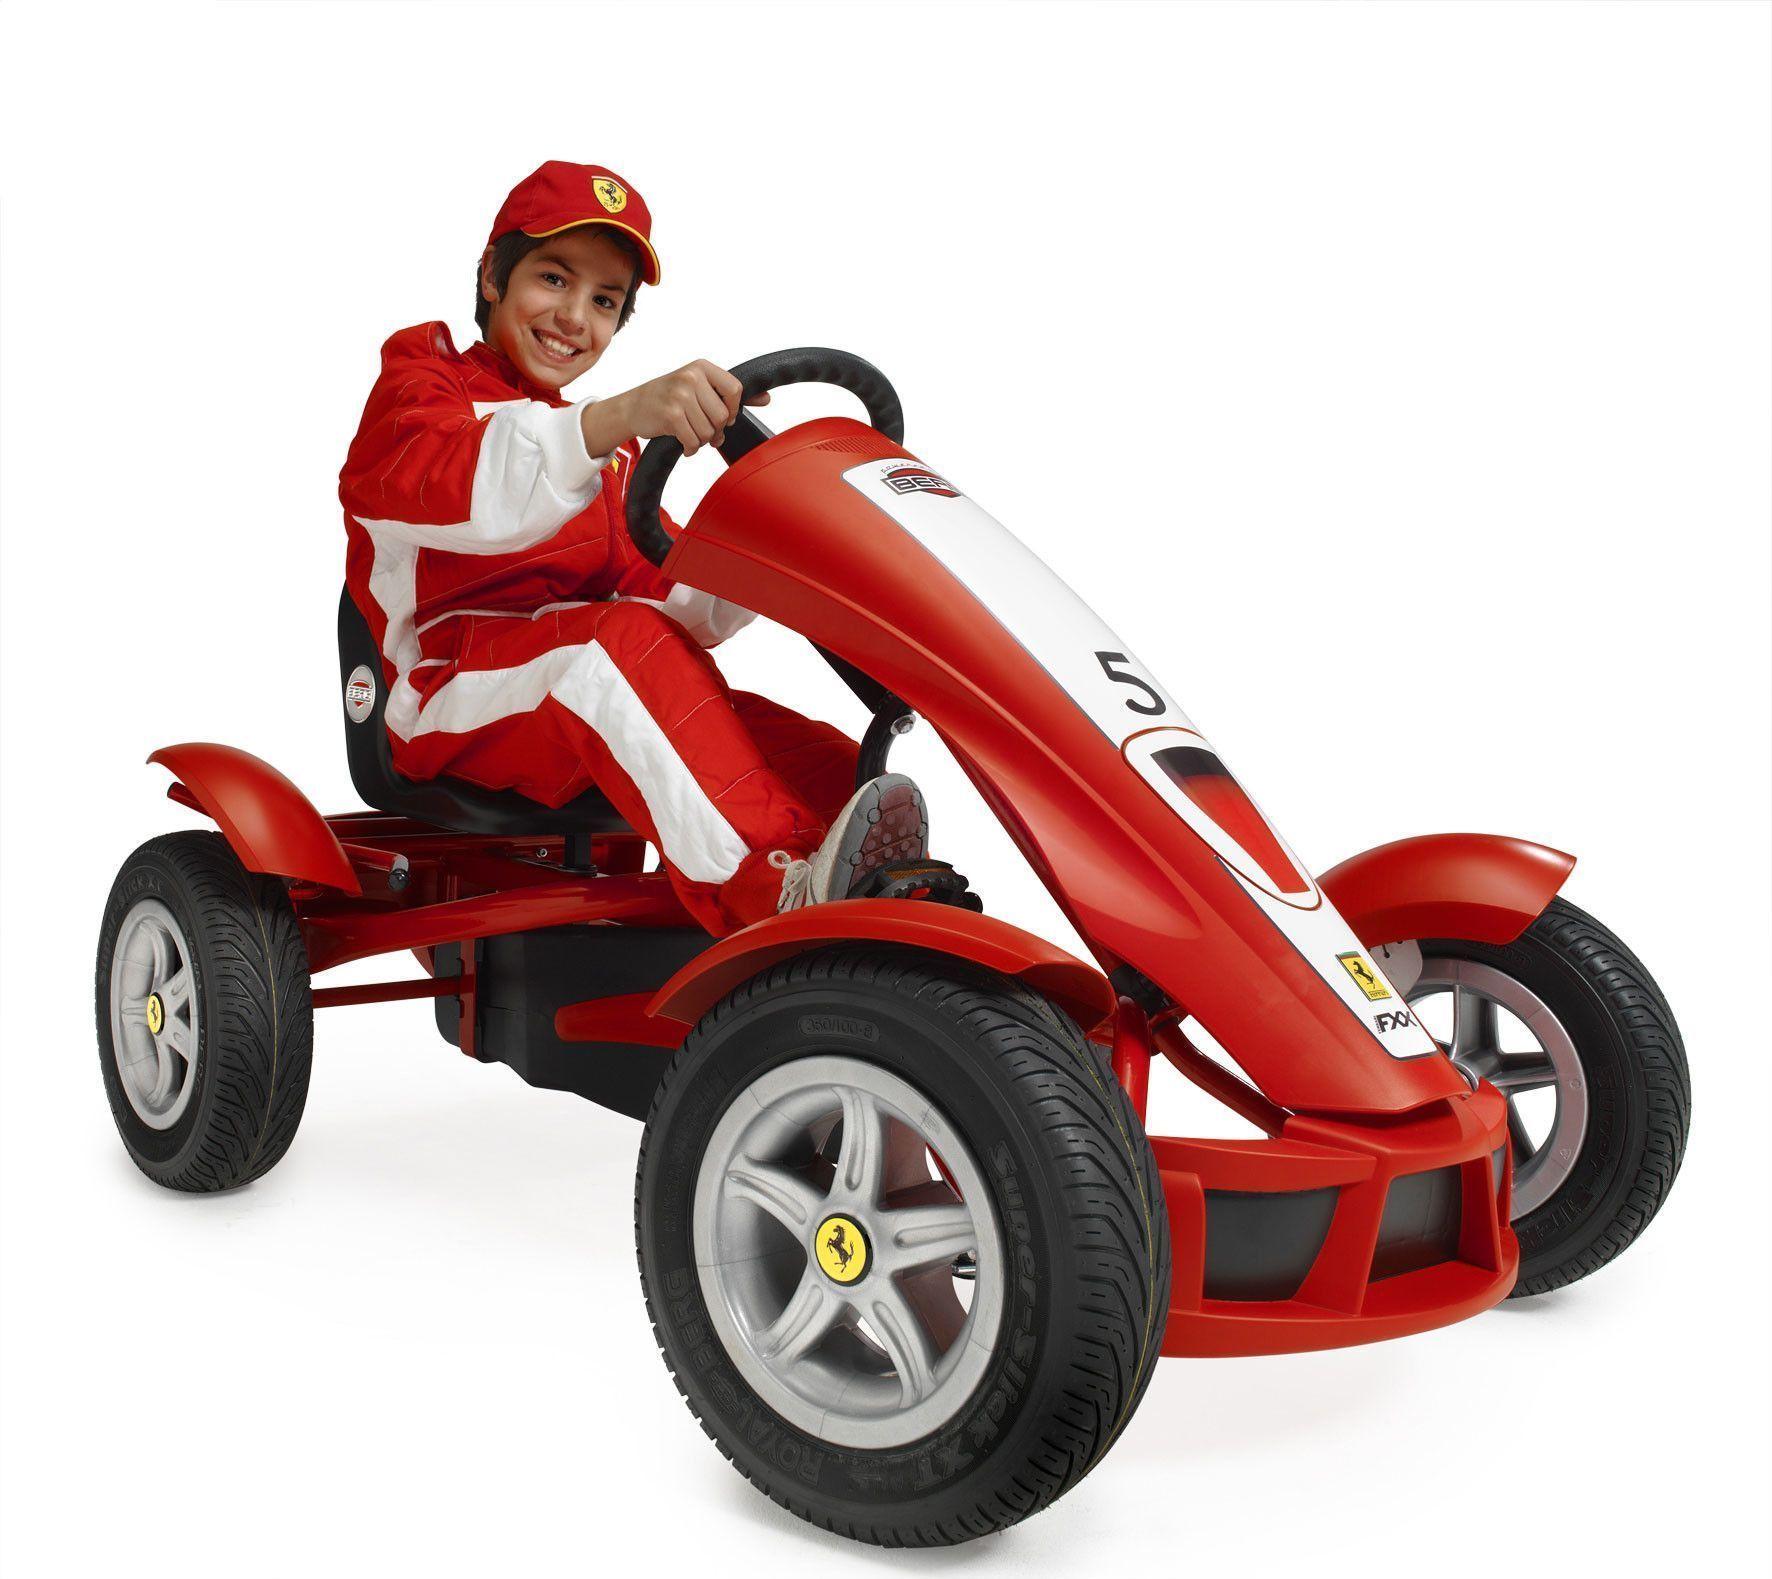 Berg Toys Ferrari Fxx Racer Pedal Go Kart Reviews Wayfair Ferrarifxx Berg Toys Ferrari Fxx Racer Pedal Go Kart Reviews Way Ferrari Fxx Go Kart Ferrari